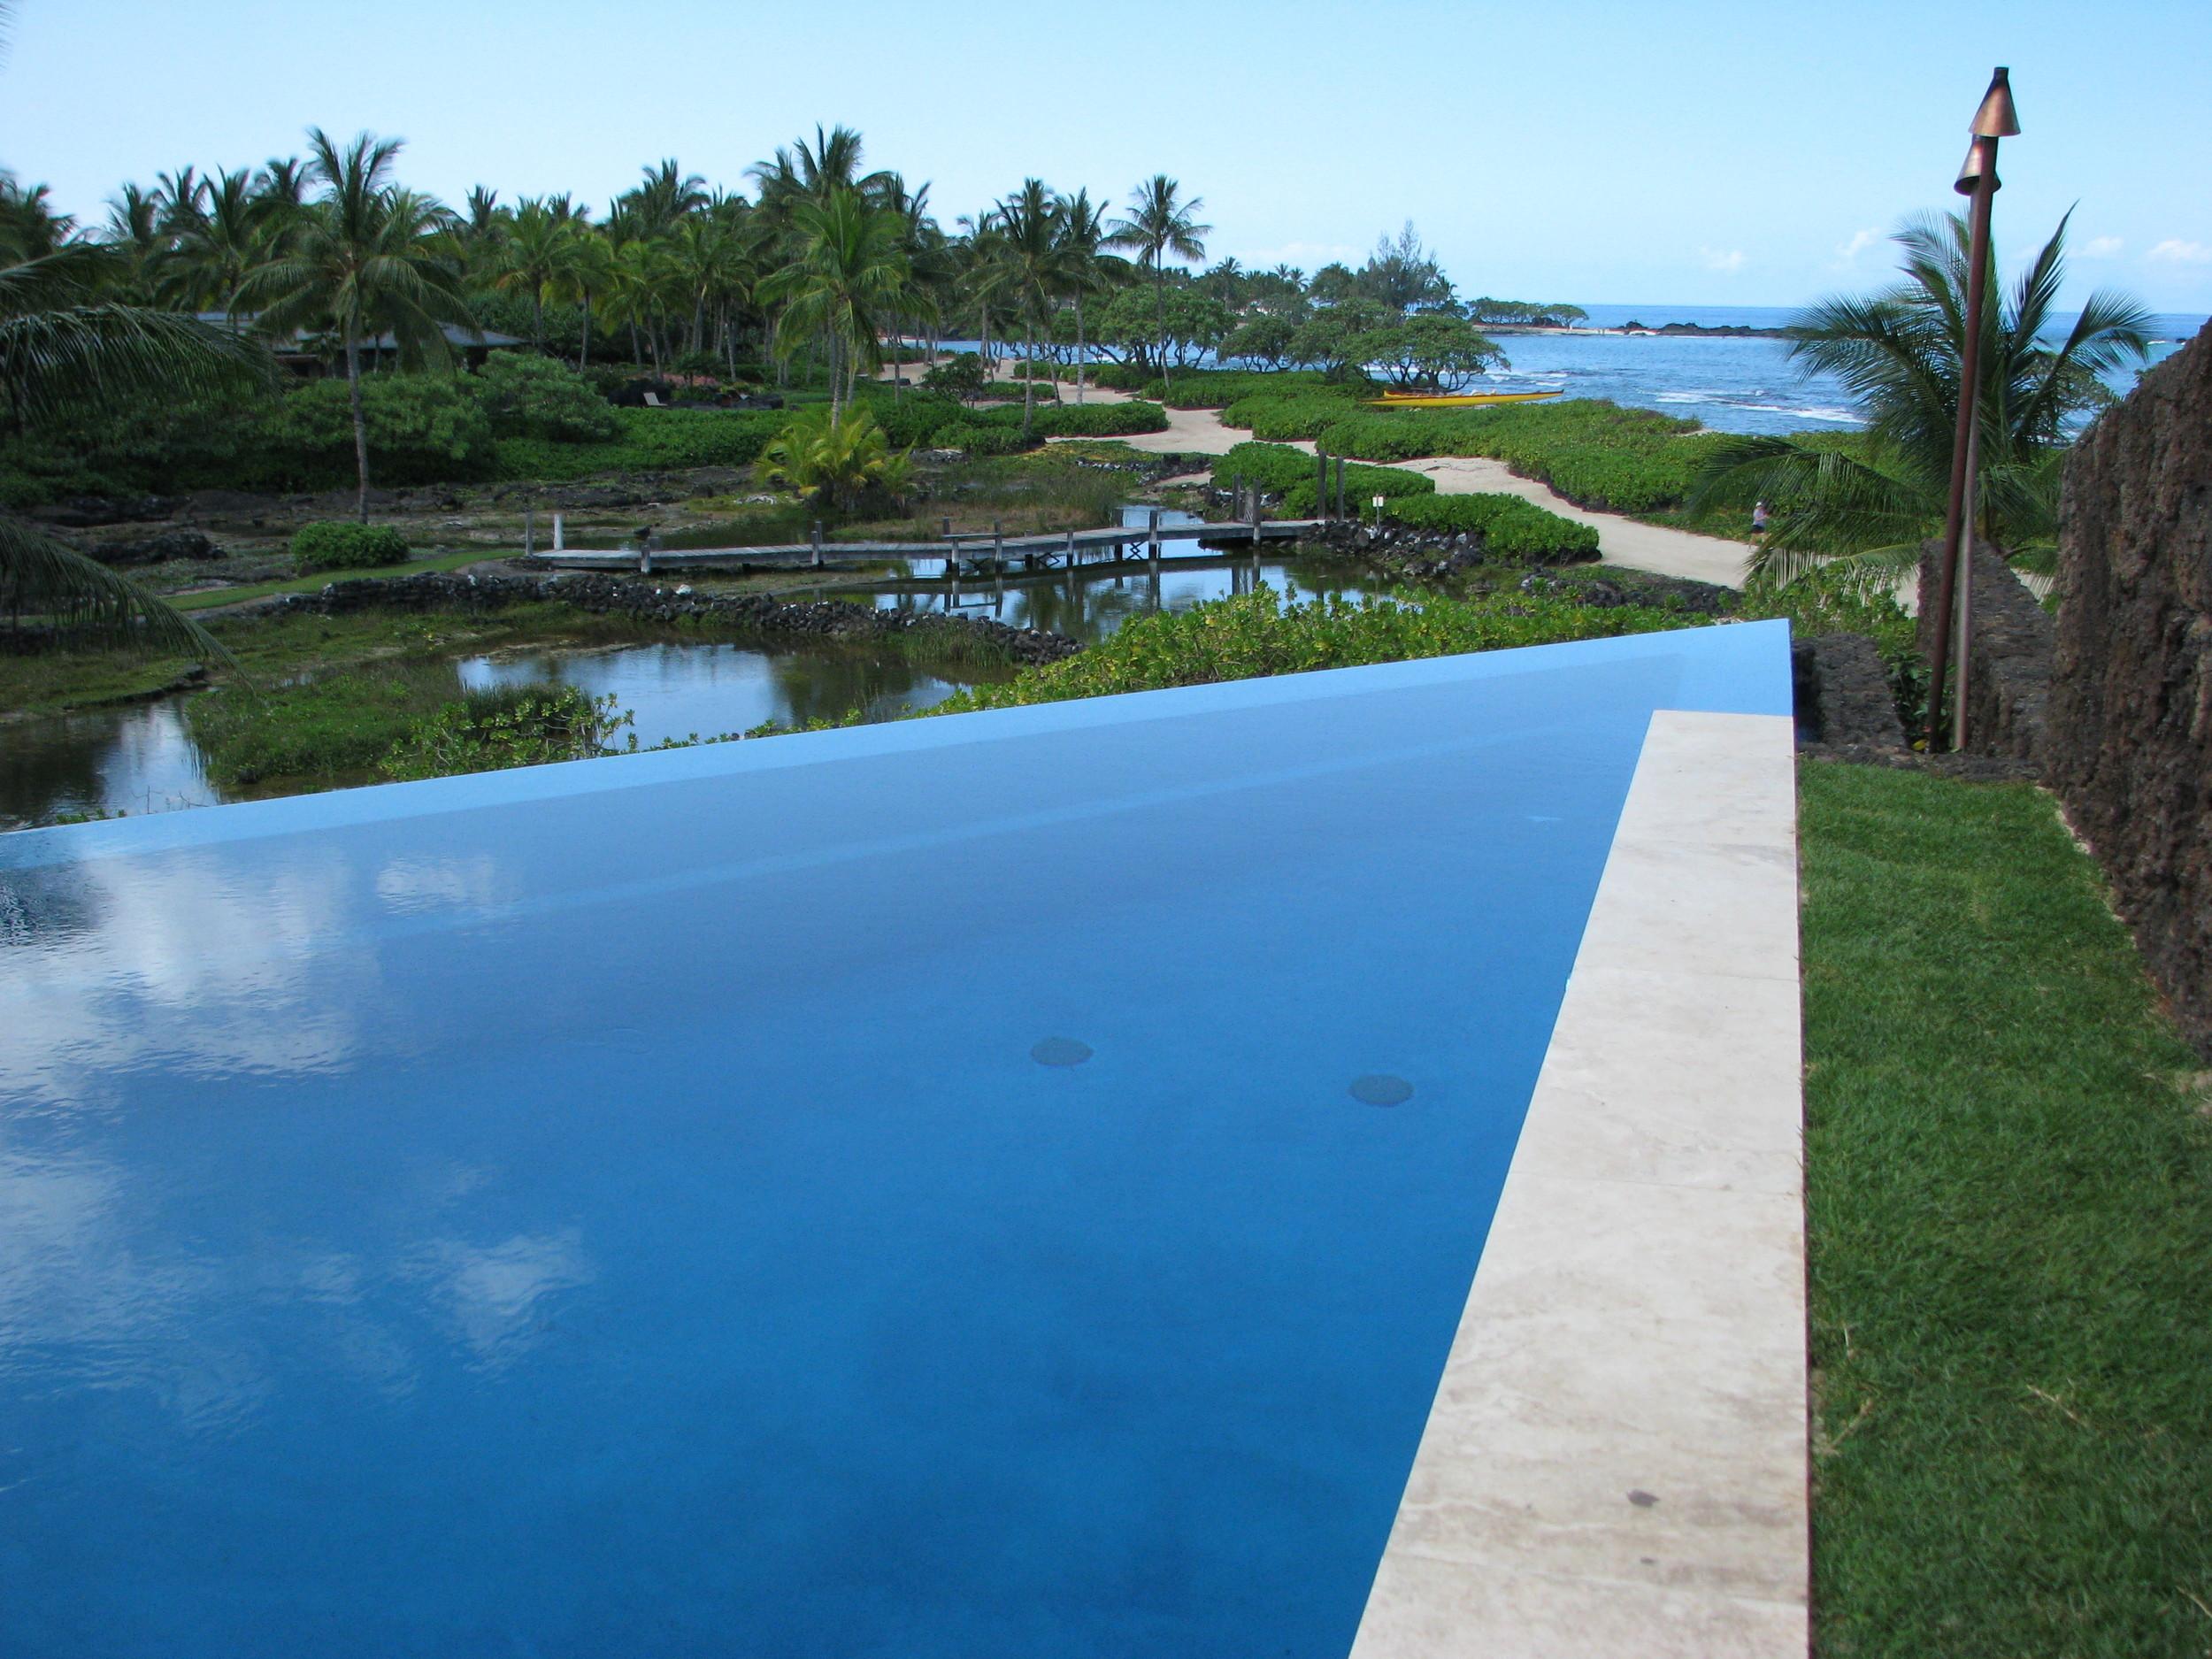 Pool_Bolton Inc_Kona Hawaii 2.JPG